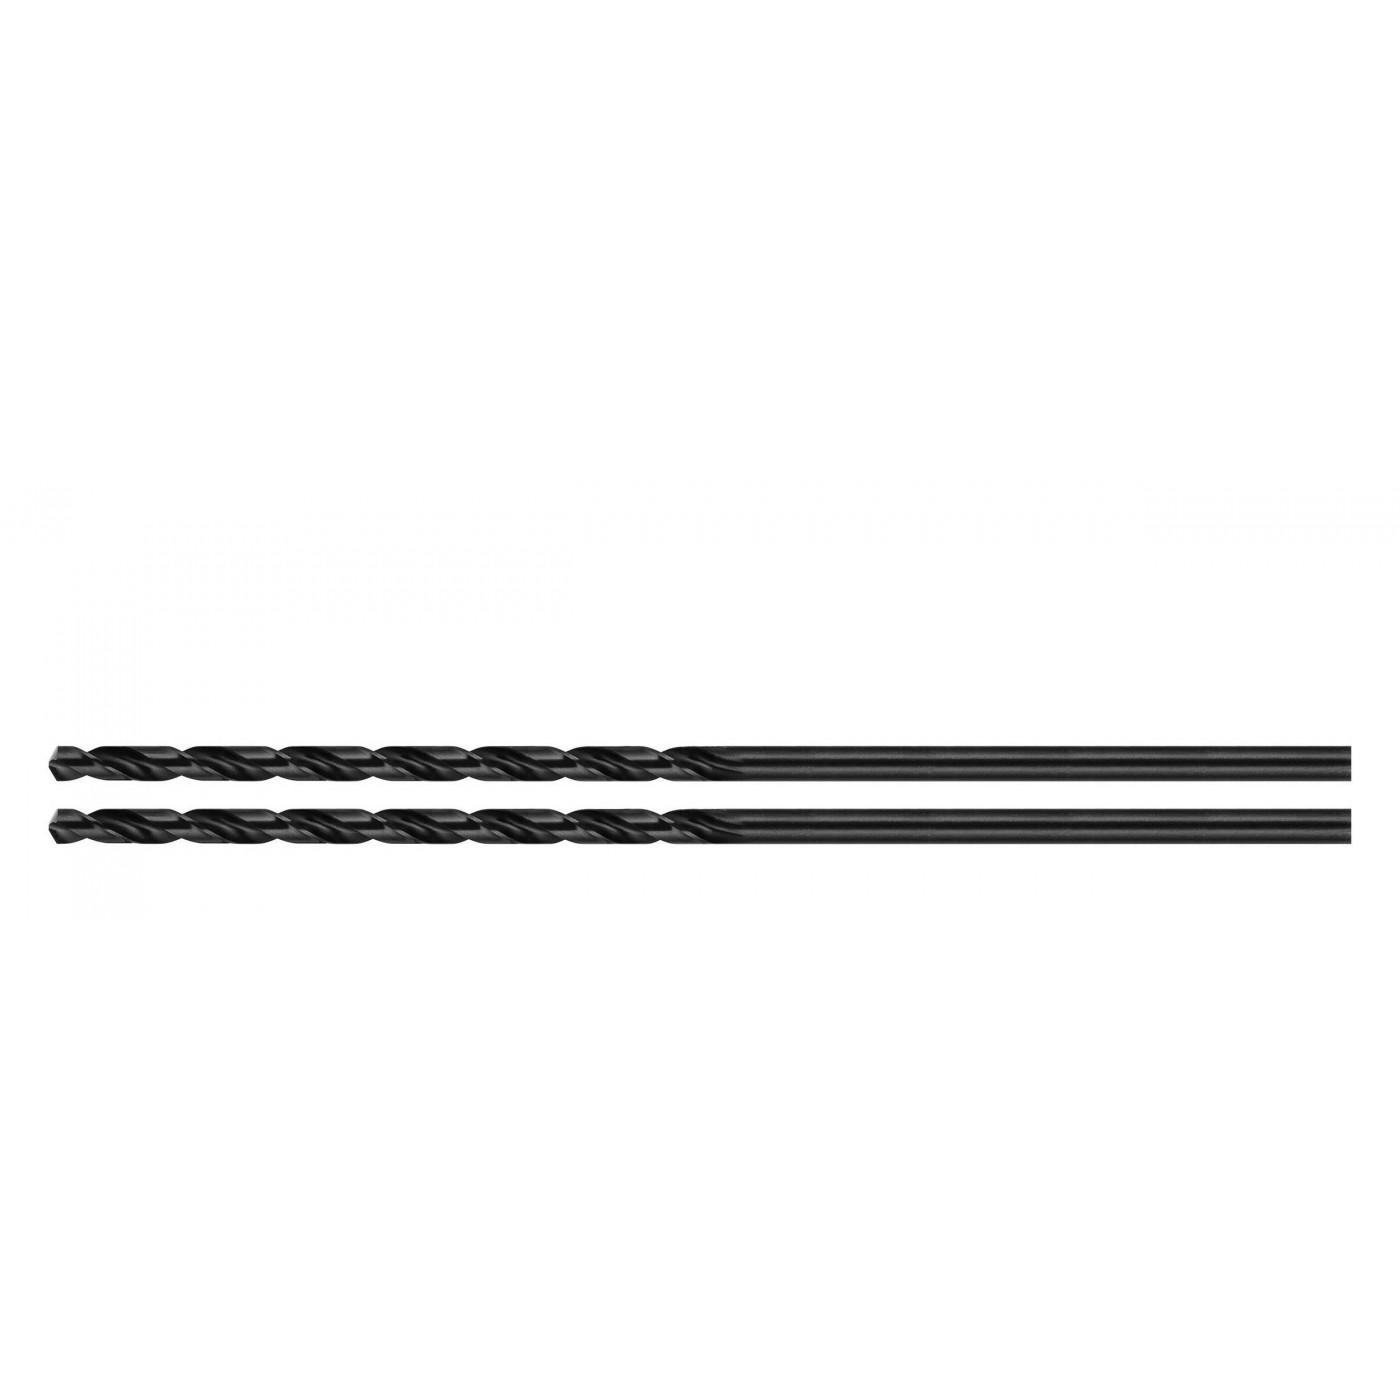 Set of 2 metal drill bits (HSS, 10.0x200 mm)